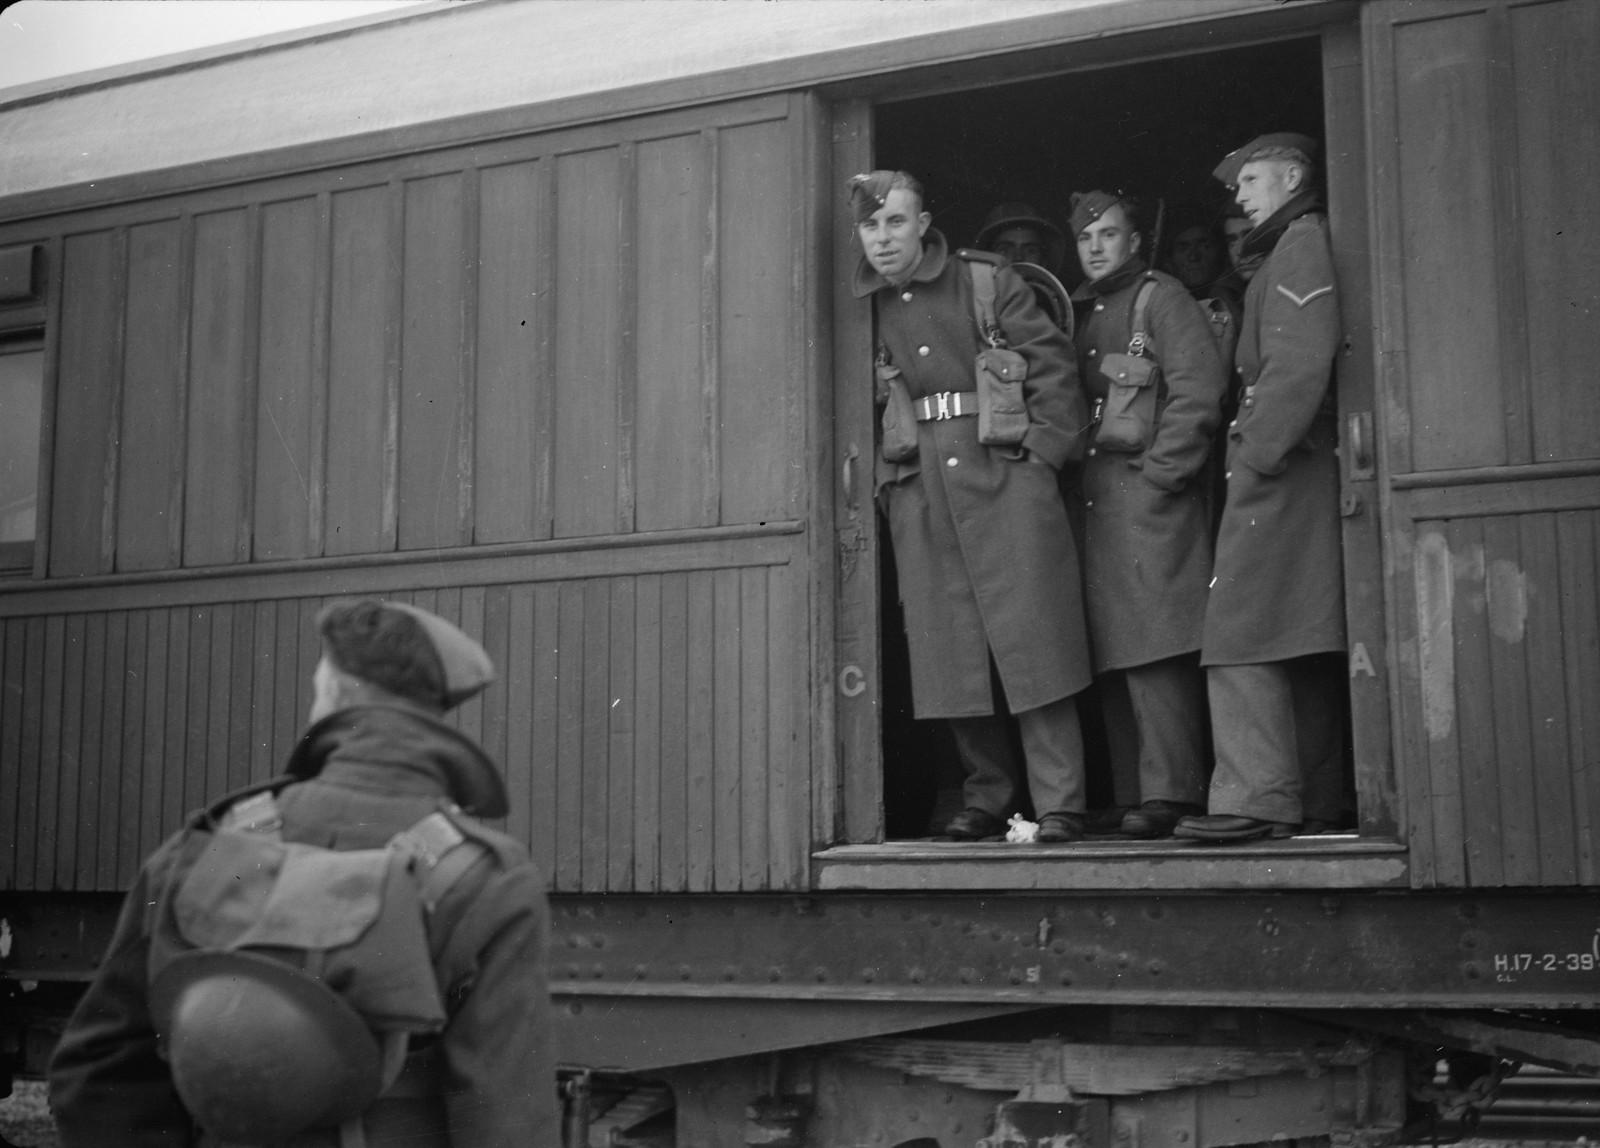 04. Английские солдаты стоят в вагоне поезда для перевозки пленных на станции Вади Сарар